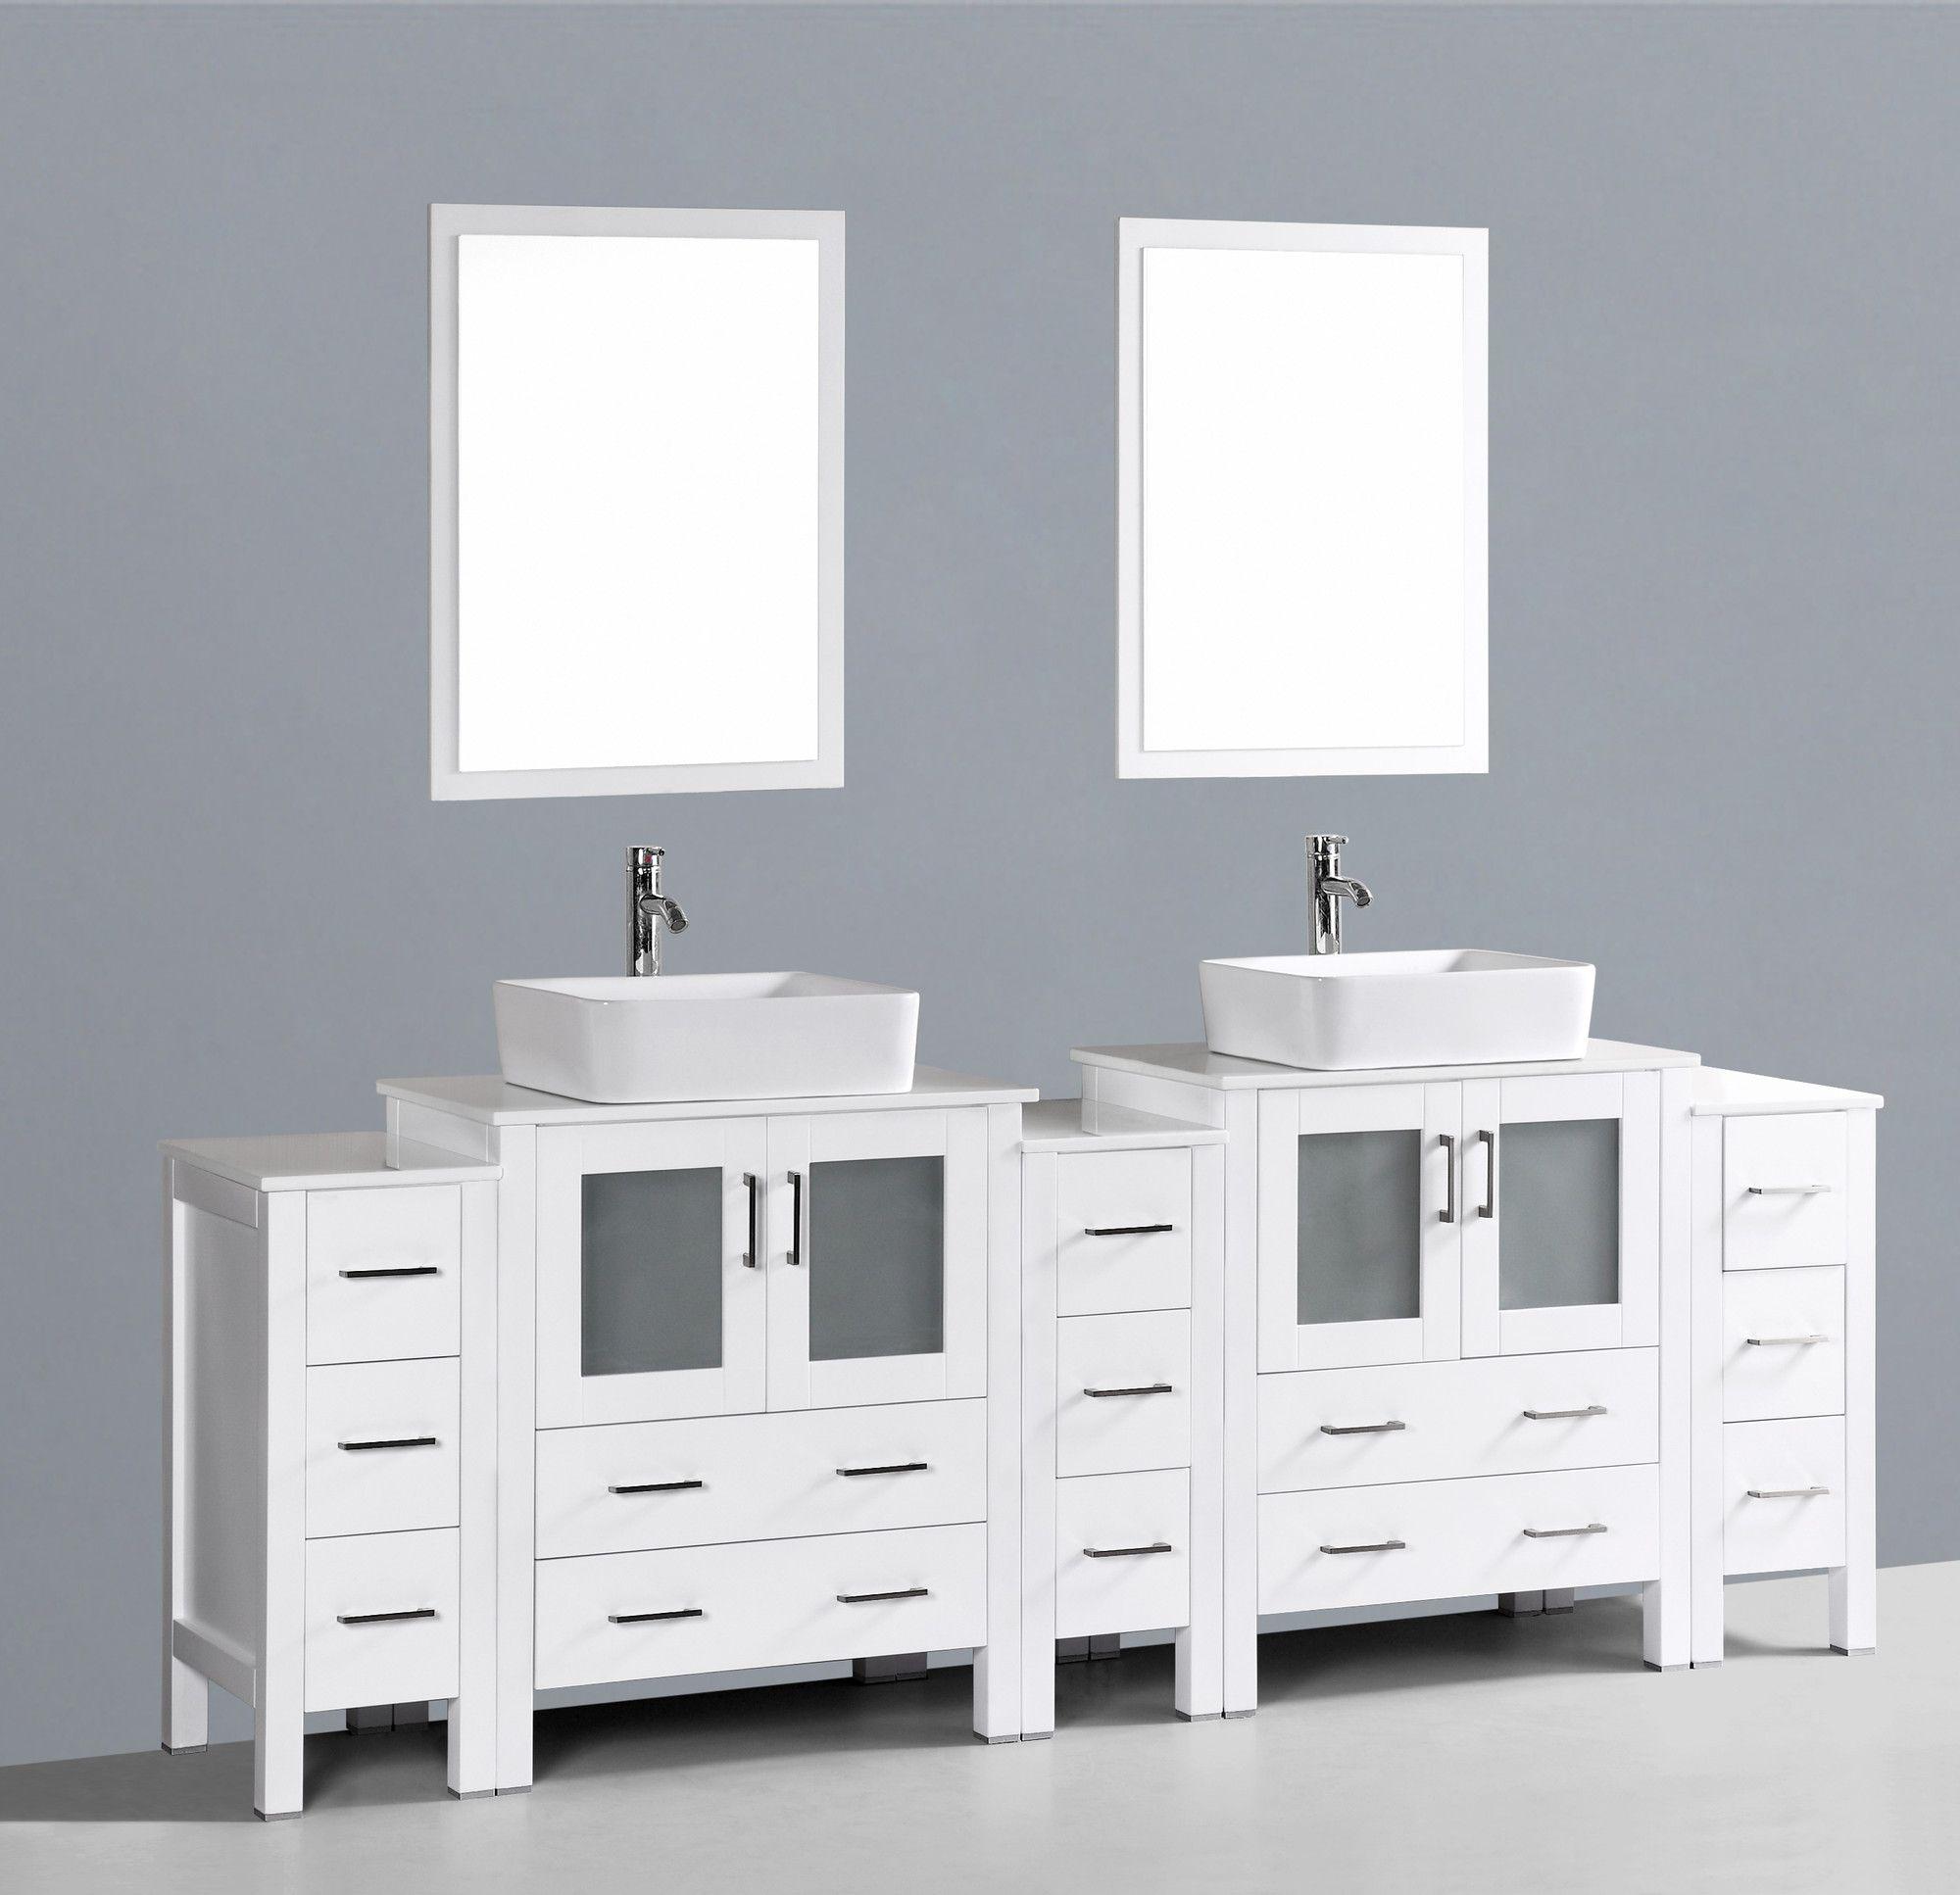 Badezimmer Vanity Spiegel Gerahmte Spiegel Bad Quadratisch Spiegel